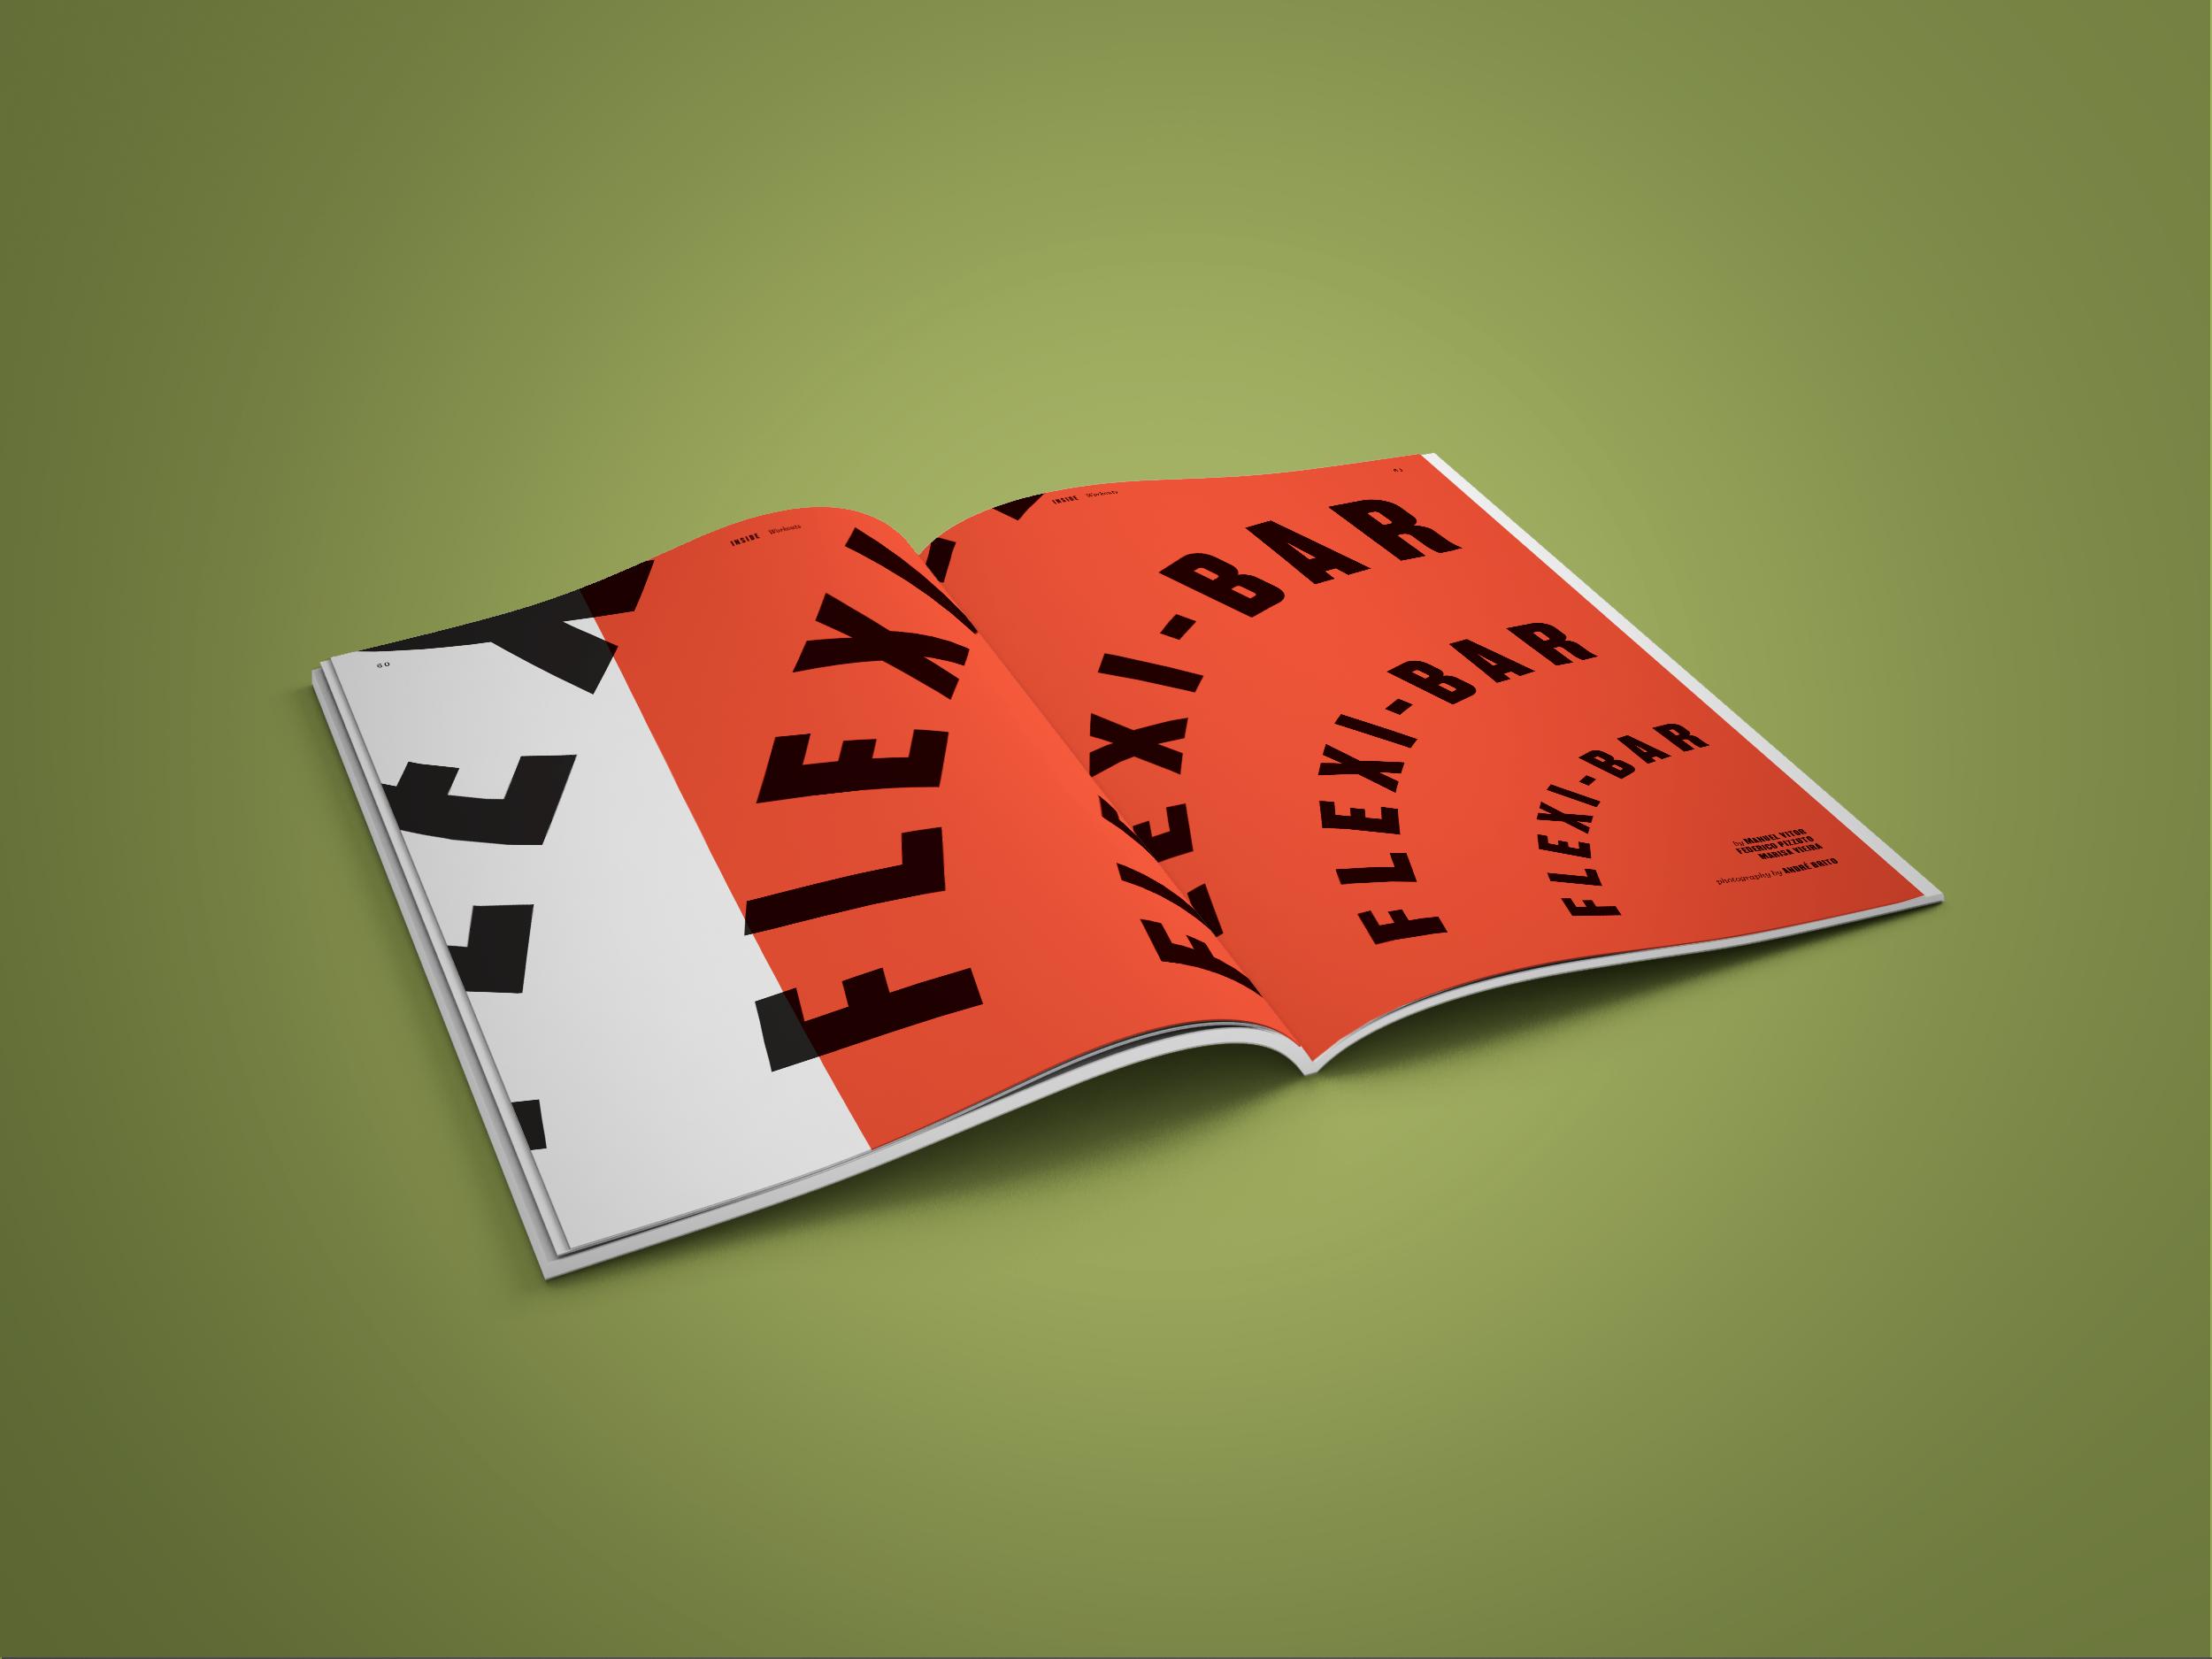 As propostas de exercícios de treino são têm uma presença obrigatória a cada edição. Na edição nº2, são apresentados exercícios com a utilização da Flexi-bar.